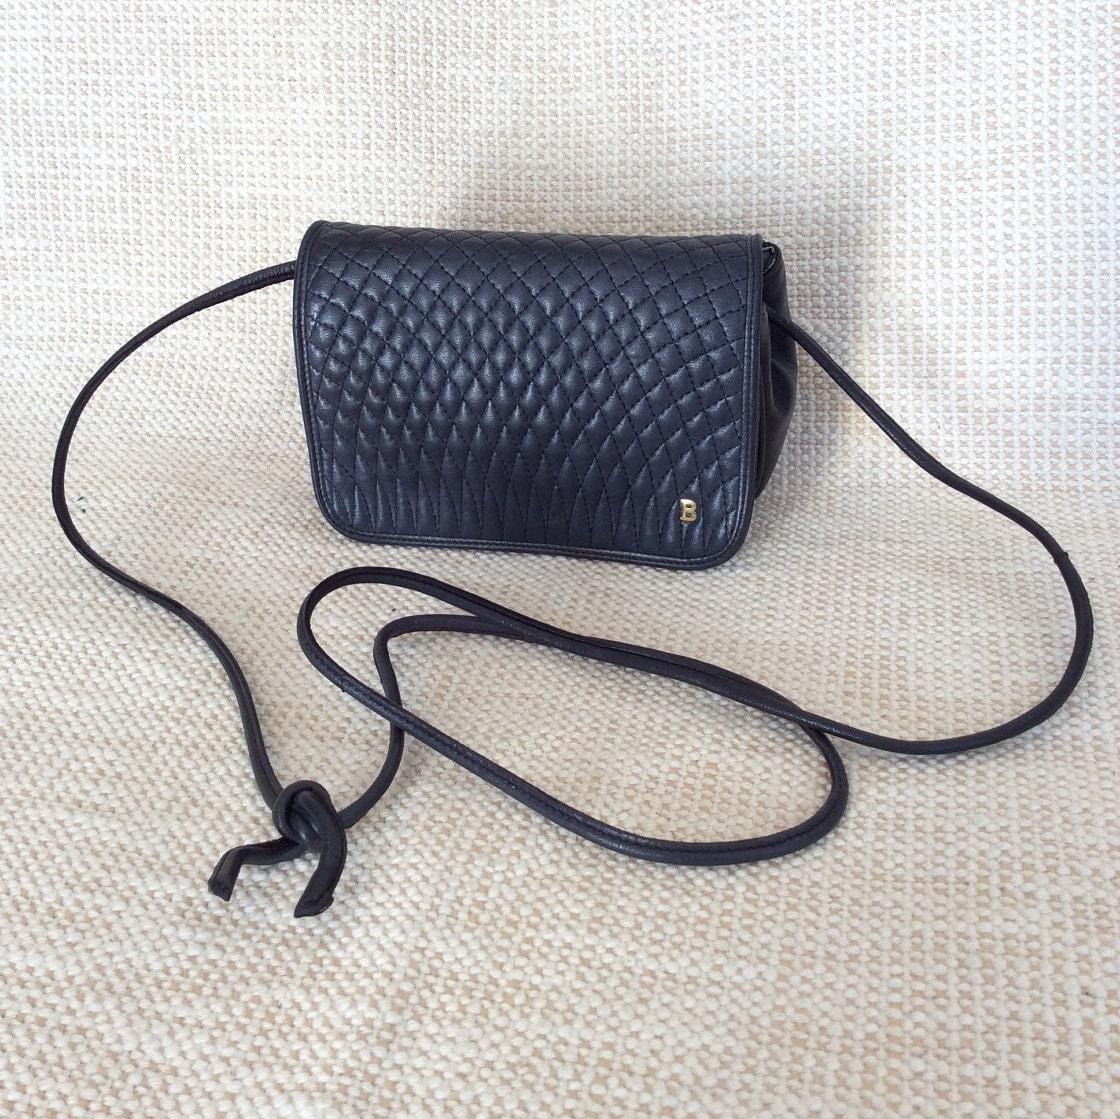 Genuine Vintage Bally Black Quilted Leather Shoulder Bag